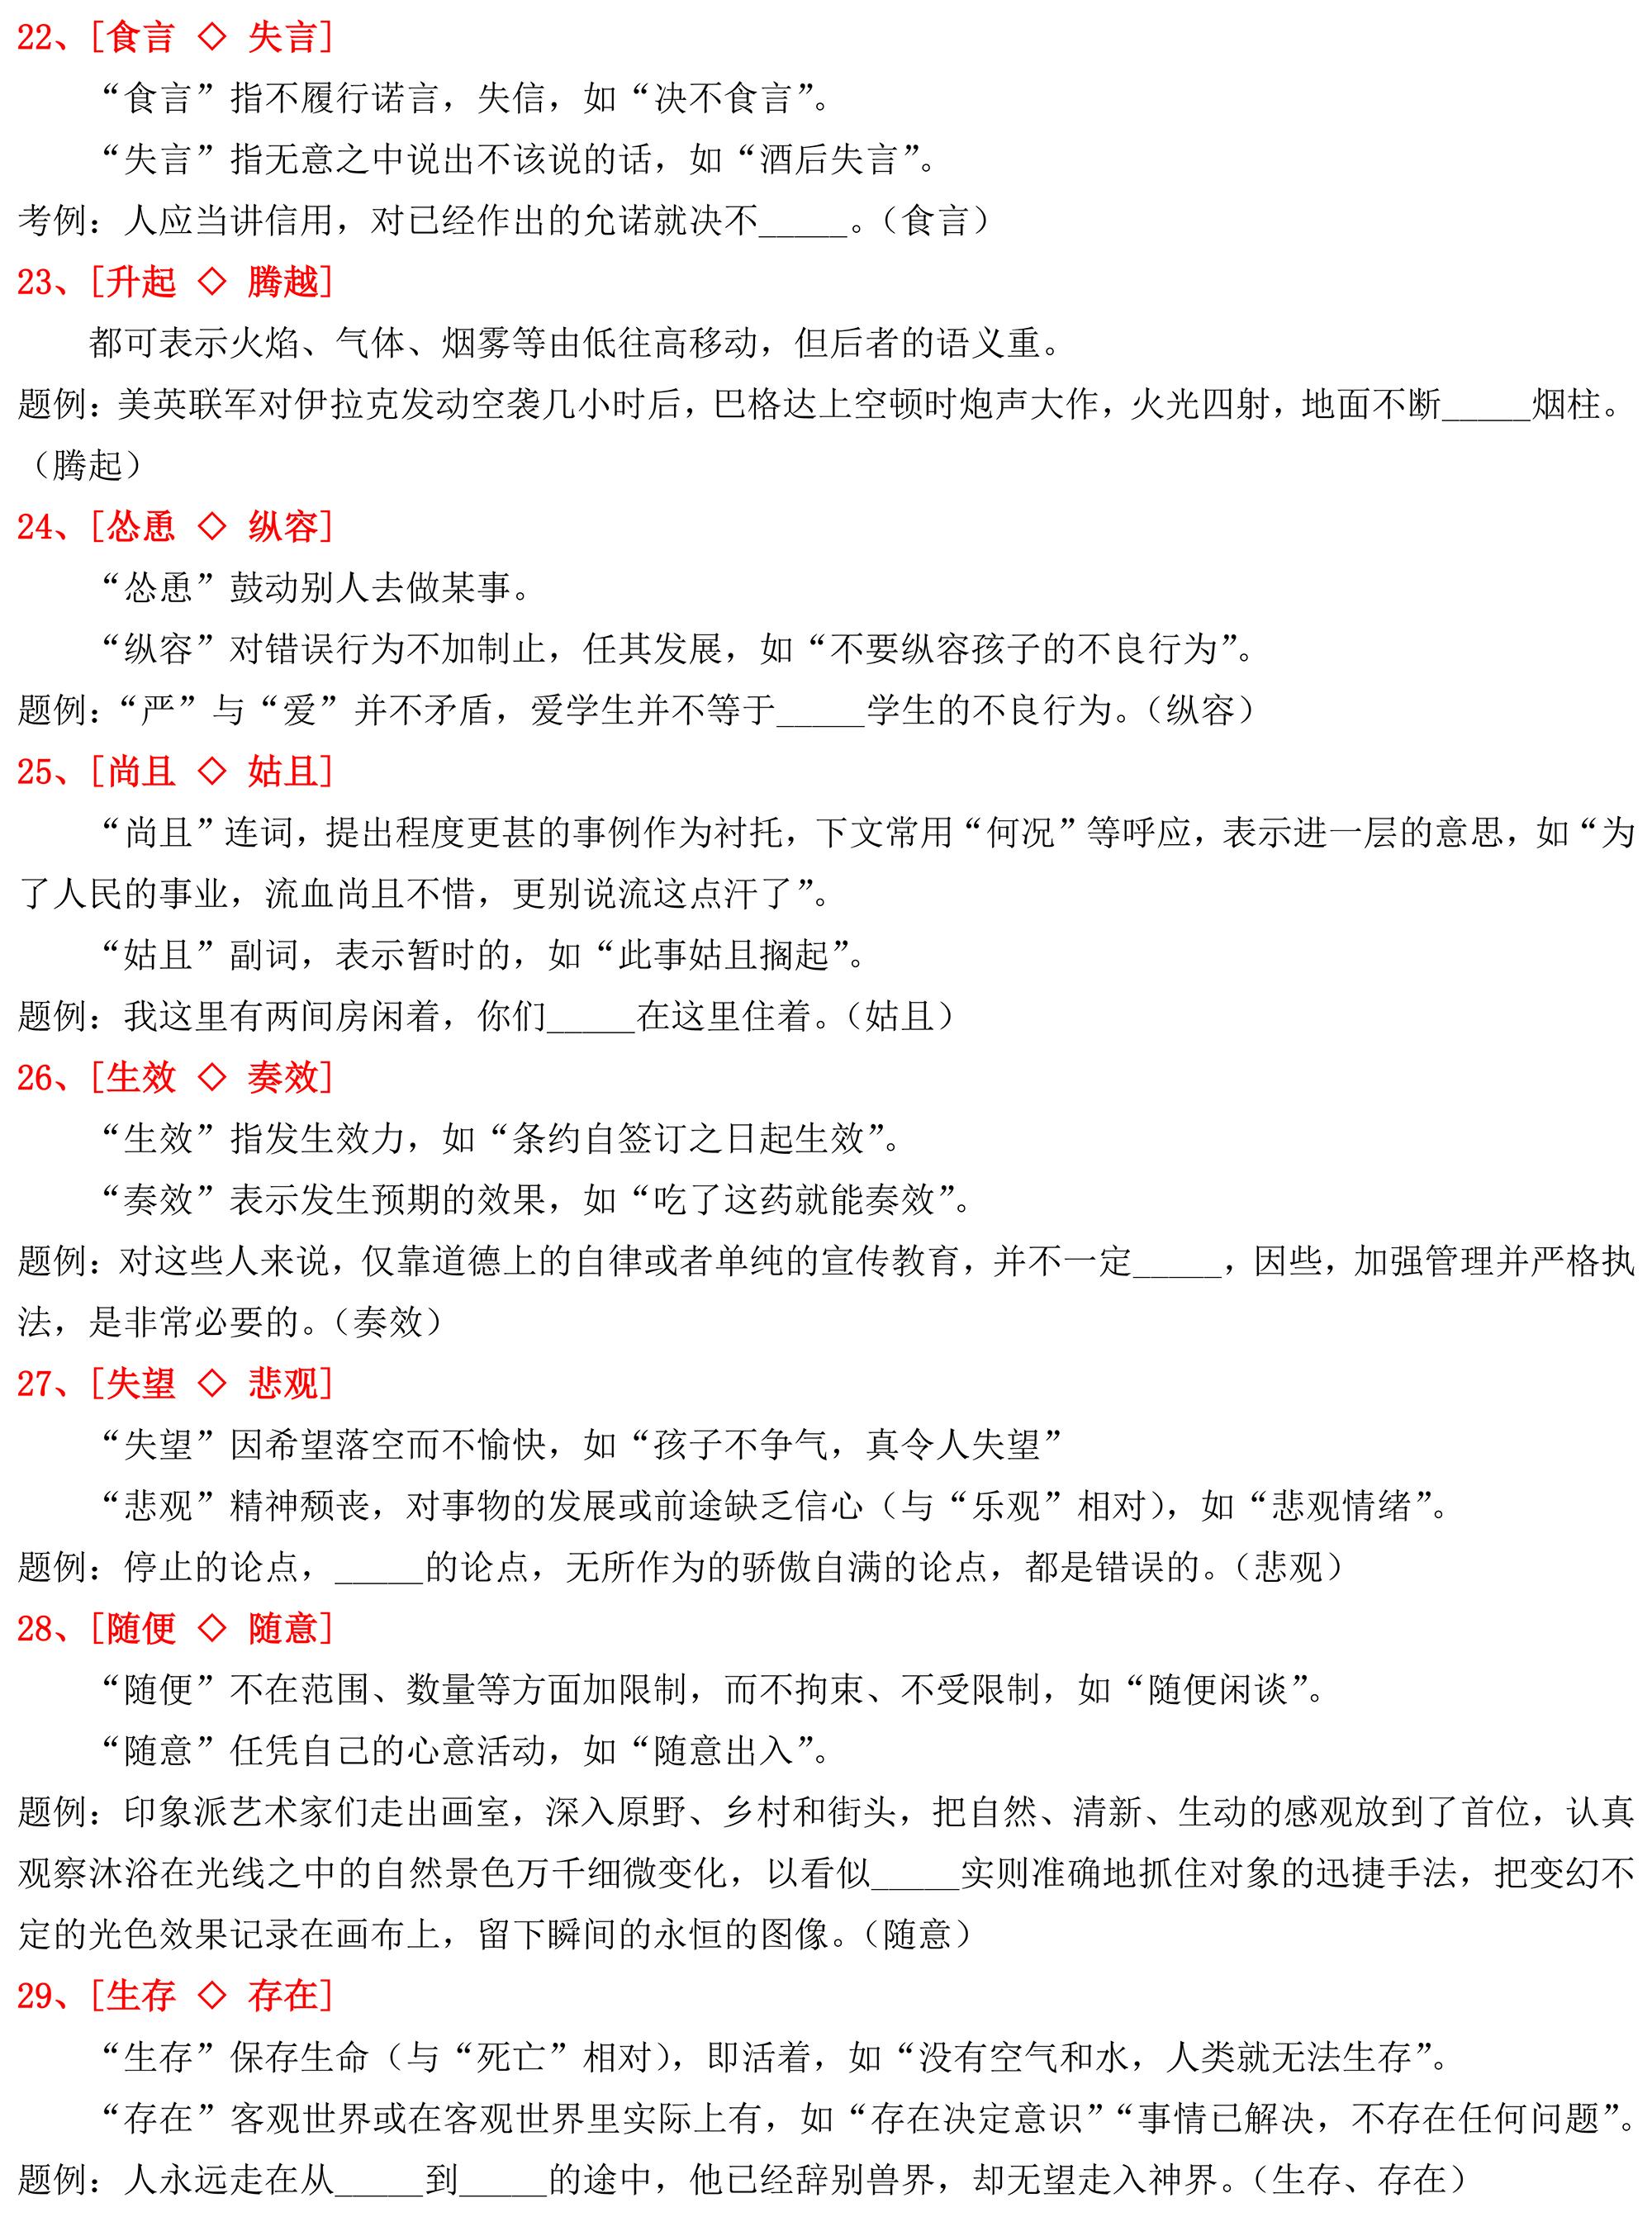 2-3:易混淆辨析 - 实词 - 打印版(O-T)-11.jpg